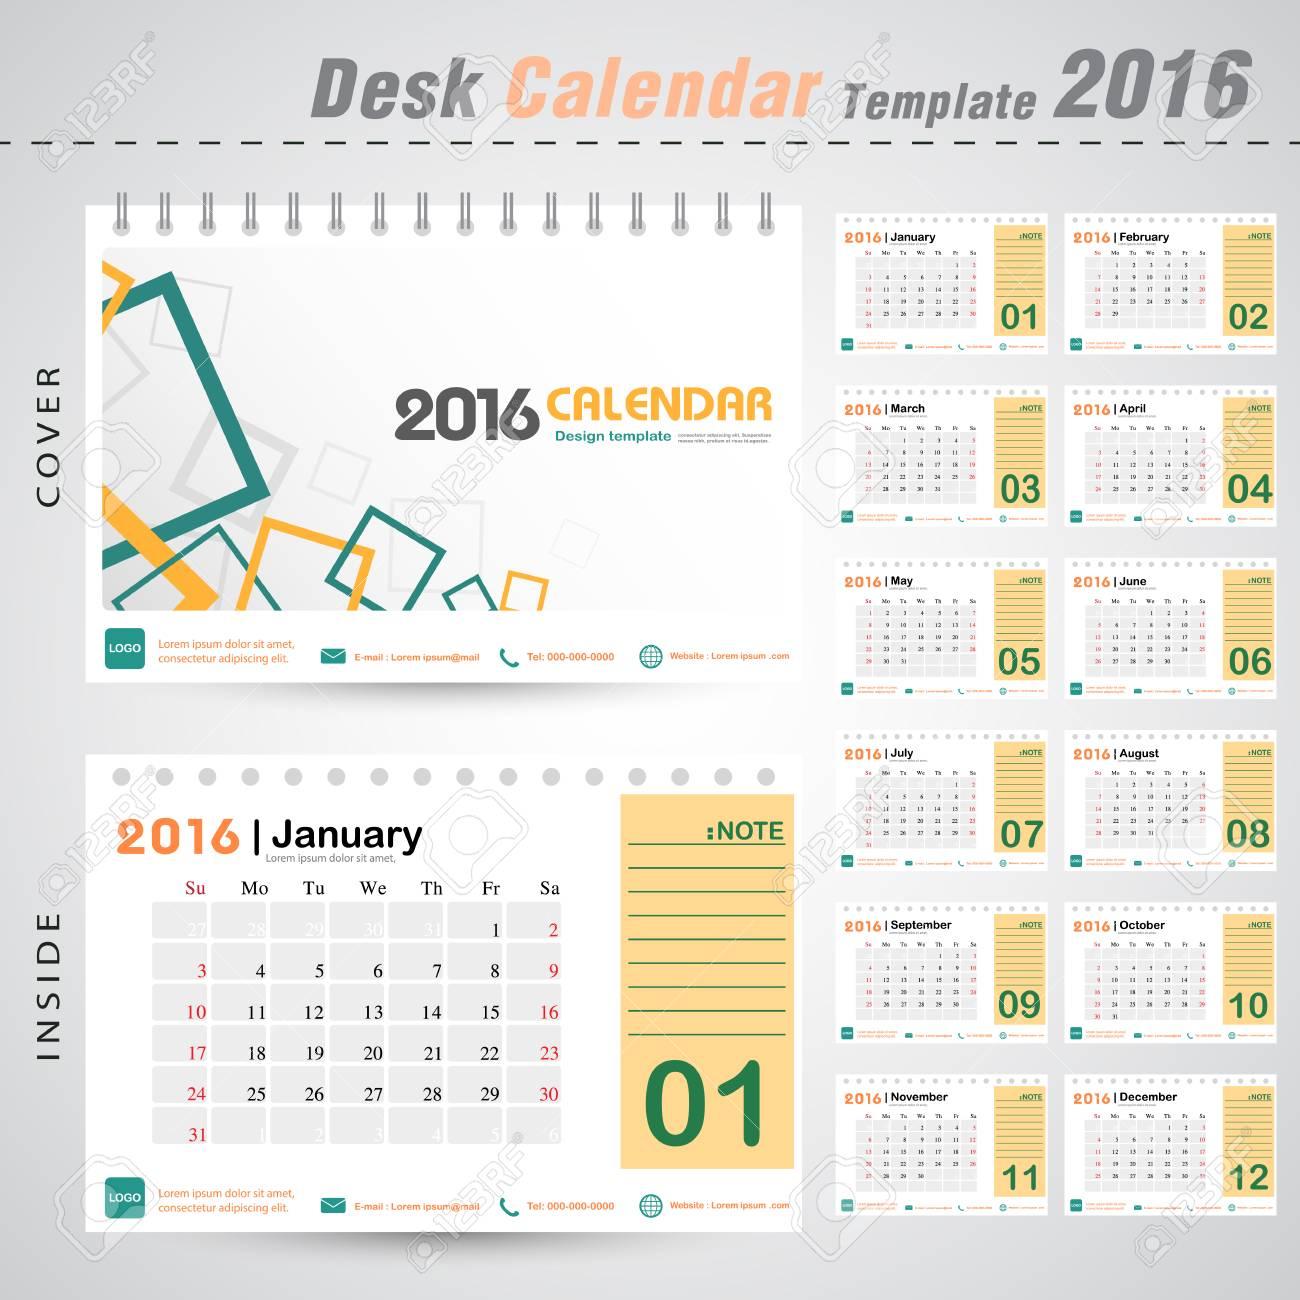 Calendario 12 Mesi.Desk Calendario Piazza Moderno Modello Di Copertina Disegno Vettoriale Con 2016 Set Di 12 Mesi Puo Essere Utilizzato Per Soggiorno D Affari Ufficio